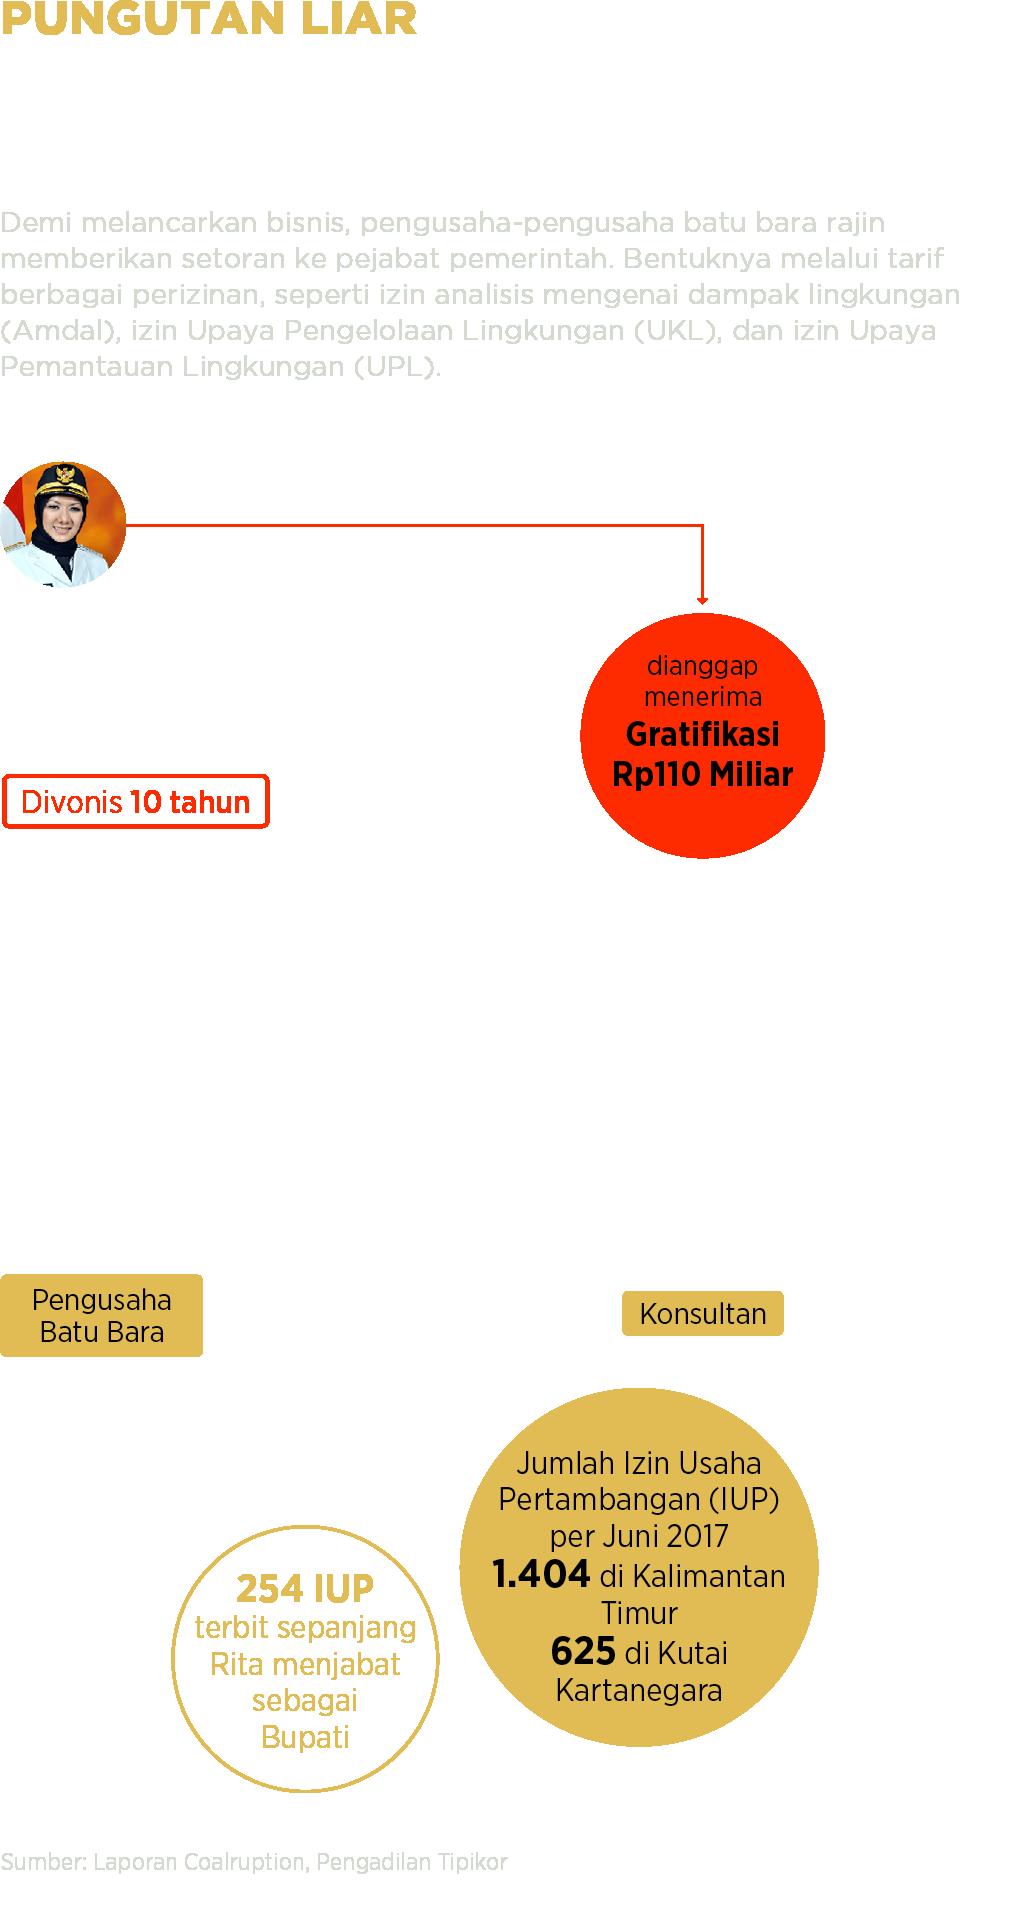 Ilustrasi kasus pungutan liar di masa pemerintahan Rita Widyasari